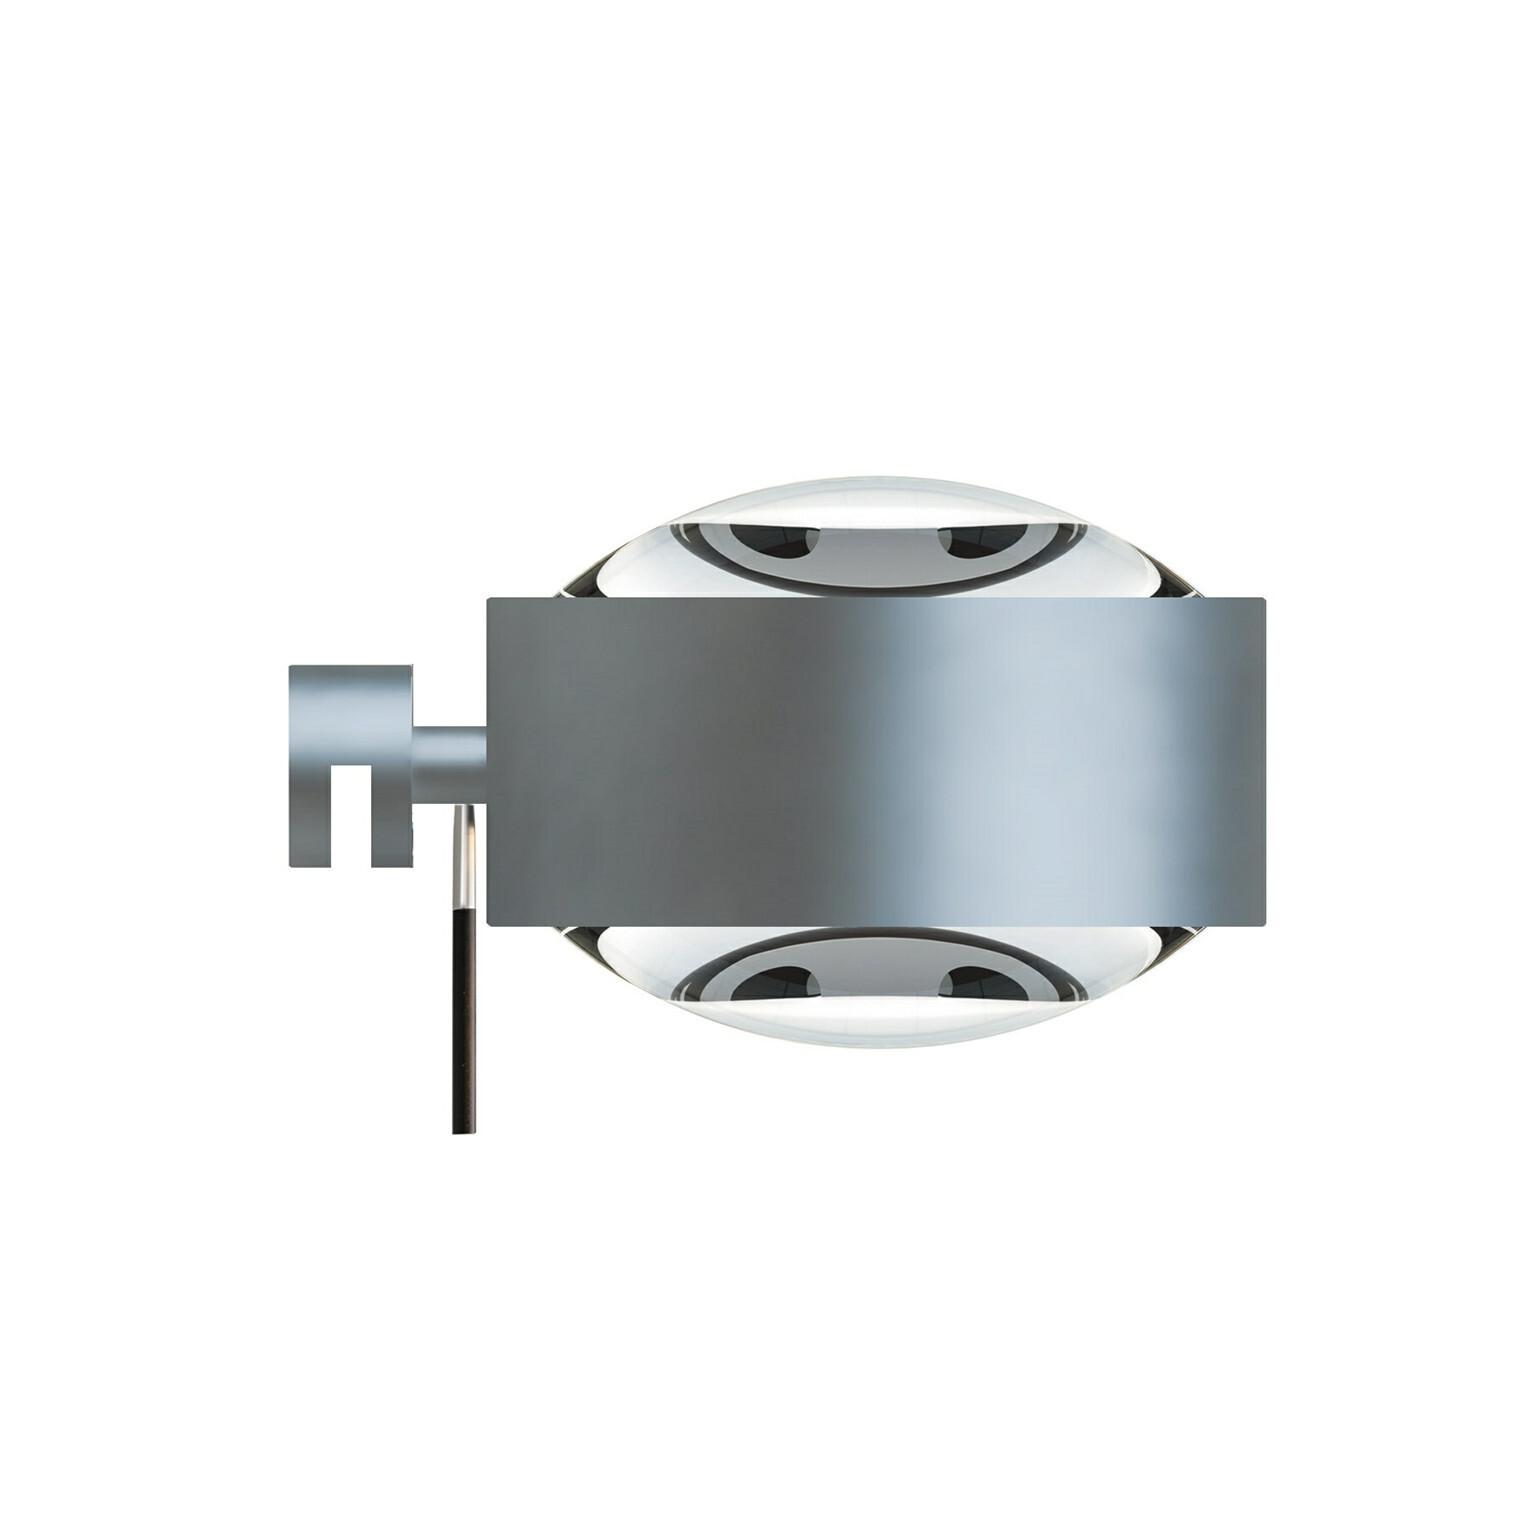 Puk Maxx LED Væglampe Lens + Lens Mat Krom – Top Light